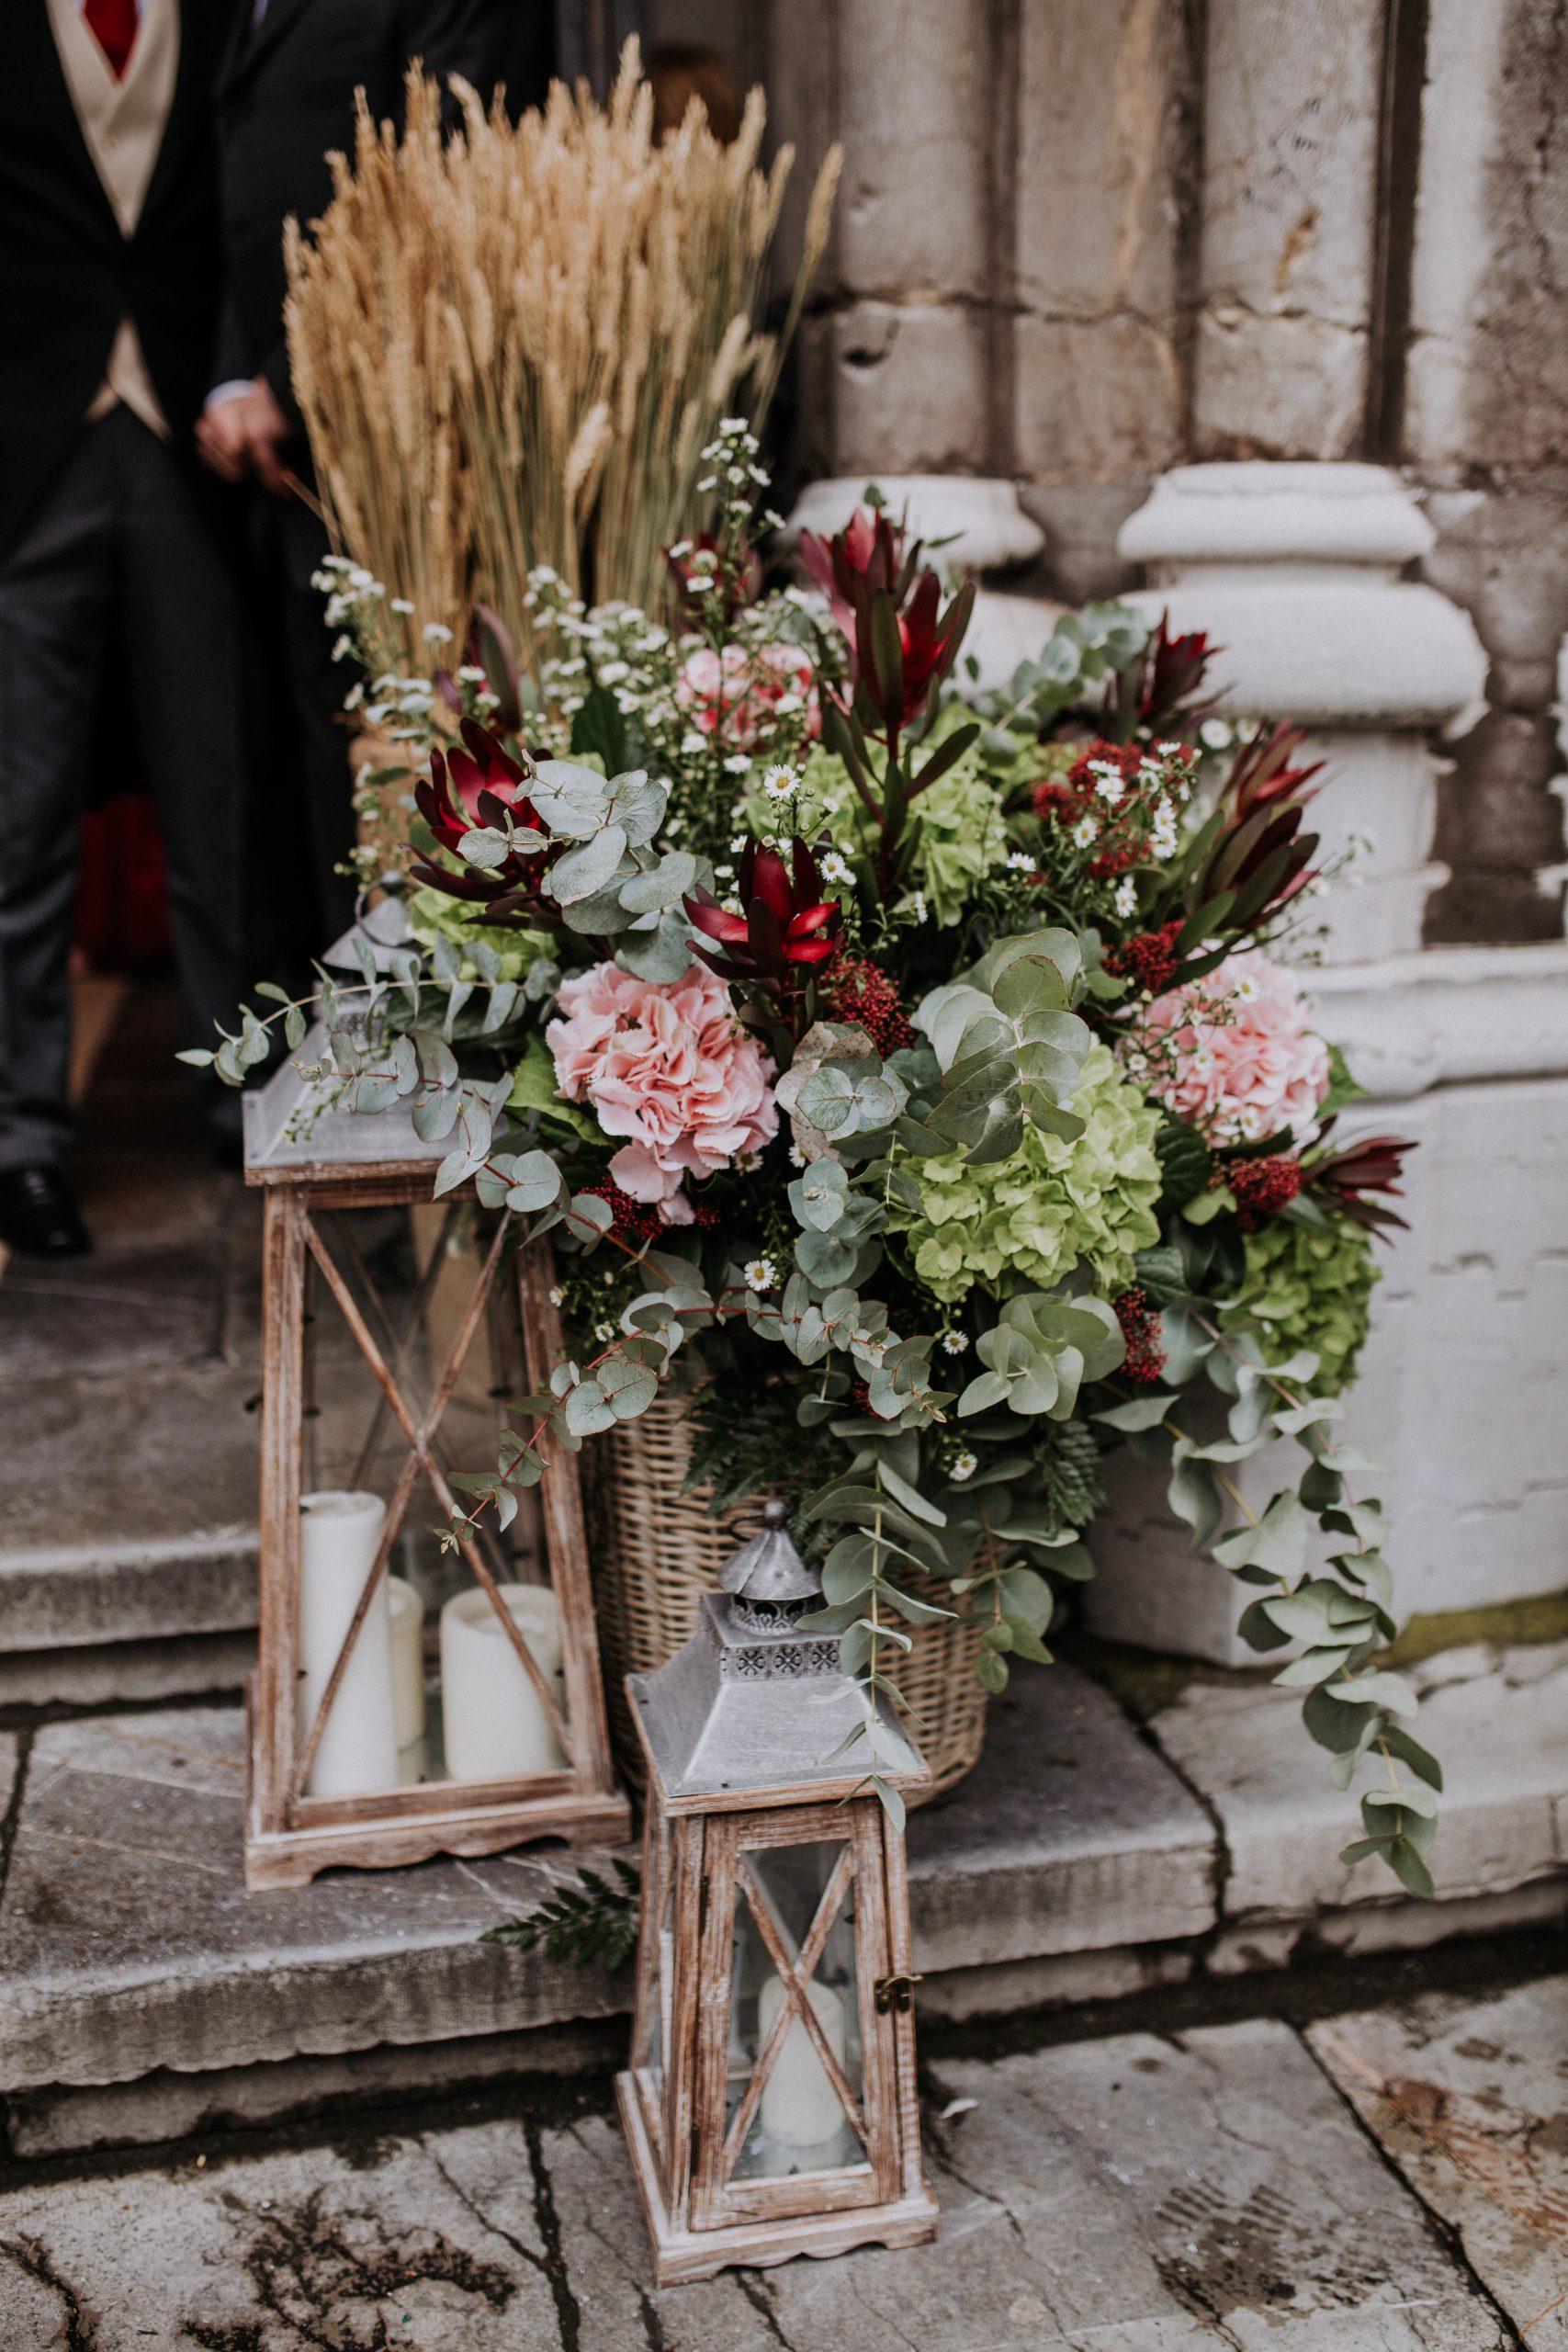 leymar-floristas-novias-asturias-aviles-ramos-bodas-decoracion-iglesia-mesas-novia (46)